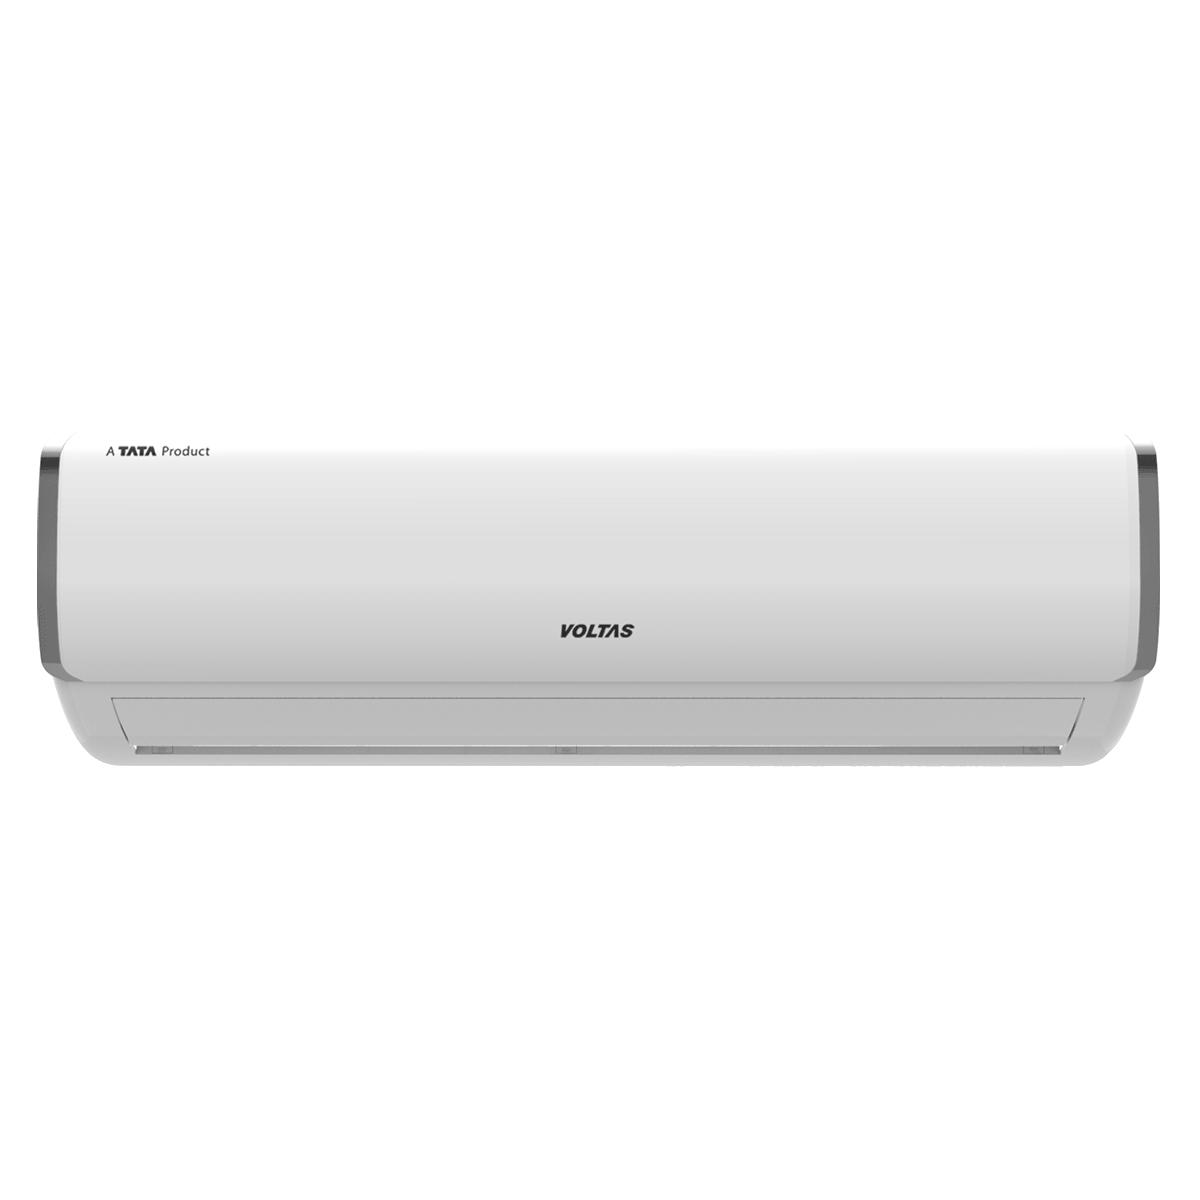 Voltas 1.5 Ton 3 Star Inverter Split AC (Copper Condenser, 183V MZQ, White)_1